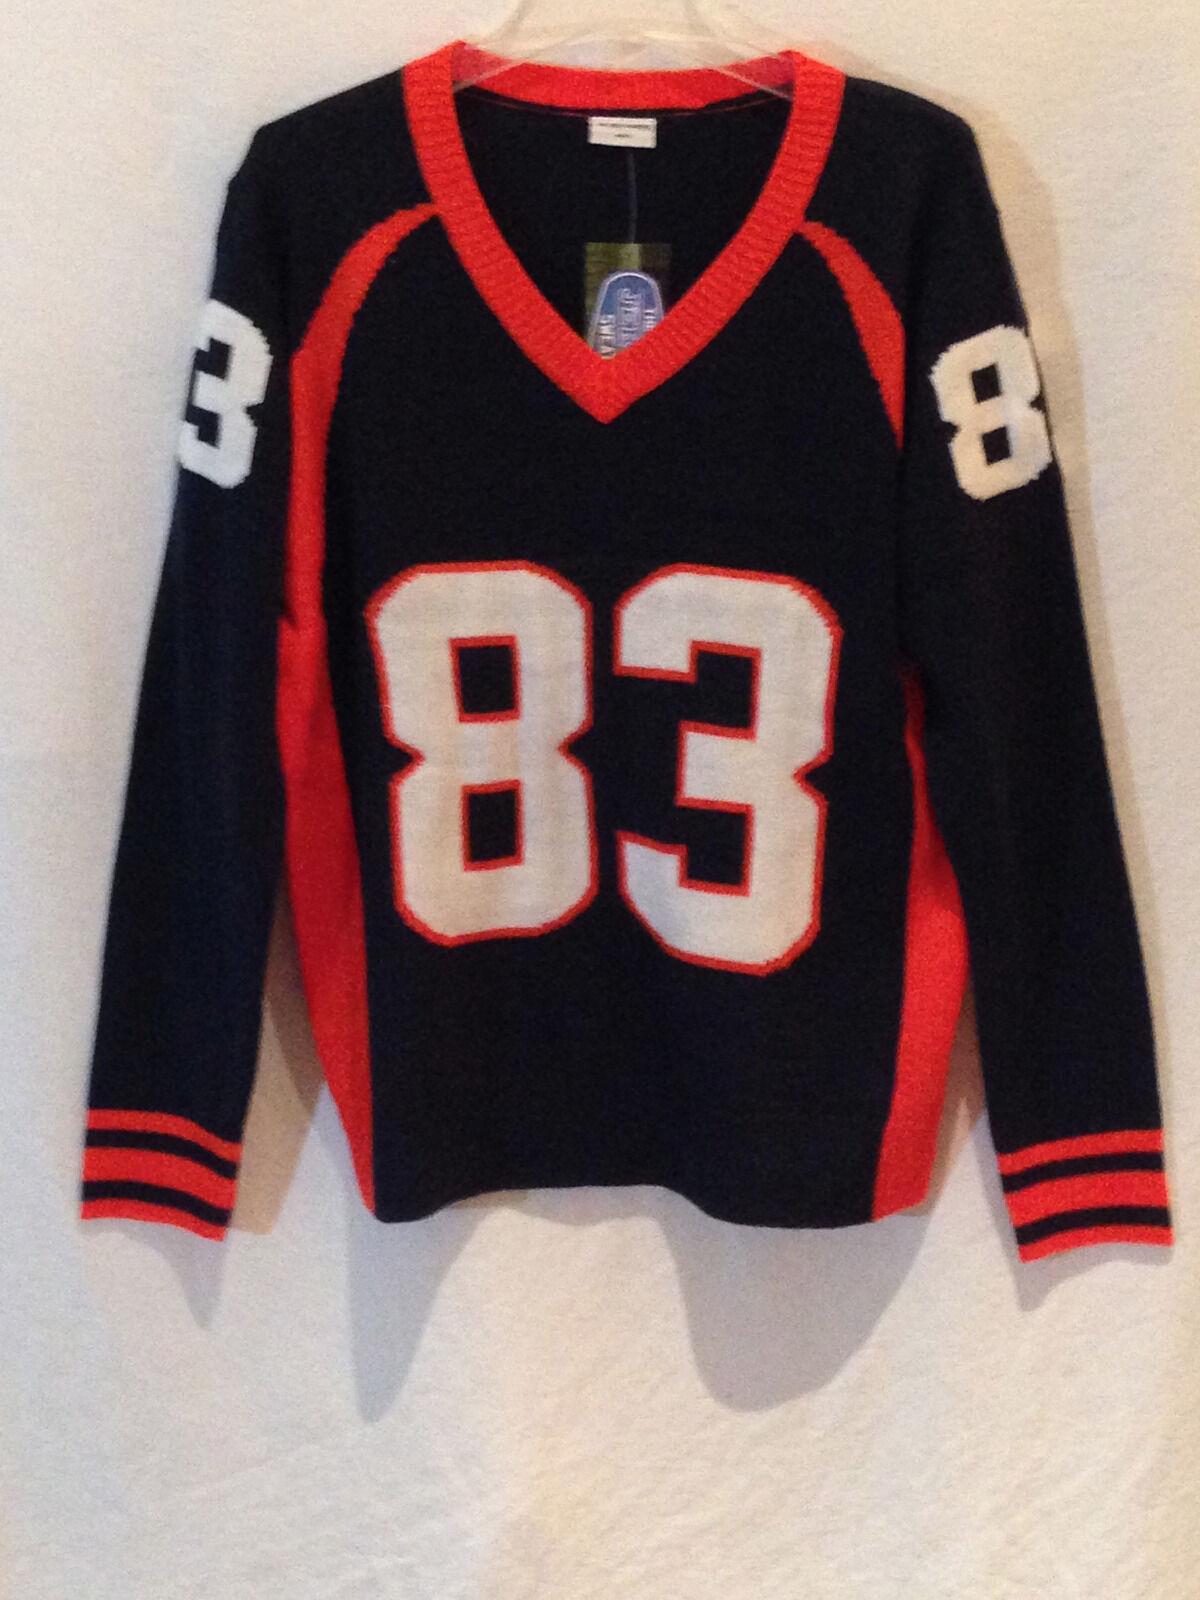 Denver Broncos Broncos Broncos Sweater-Nfl BRONCO'S Nación Gear-Small-  1 Superventas Diverdeida cbcab2